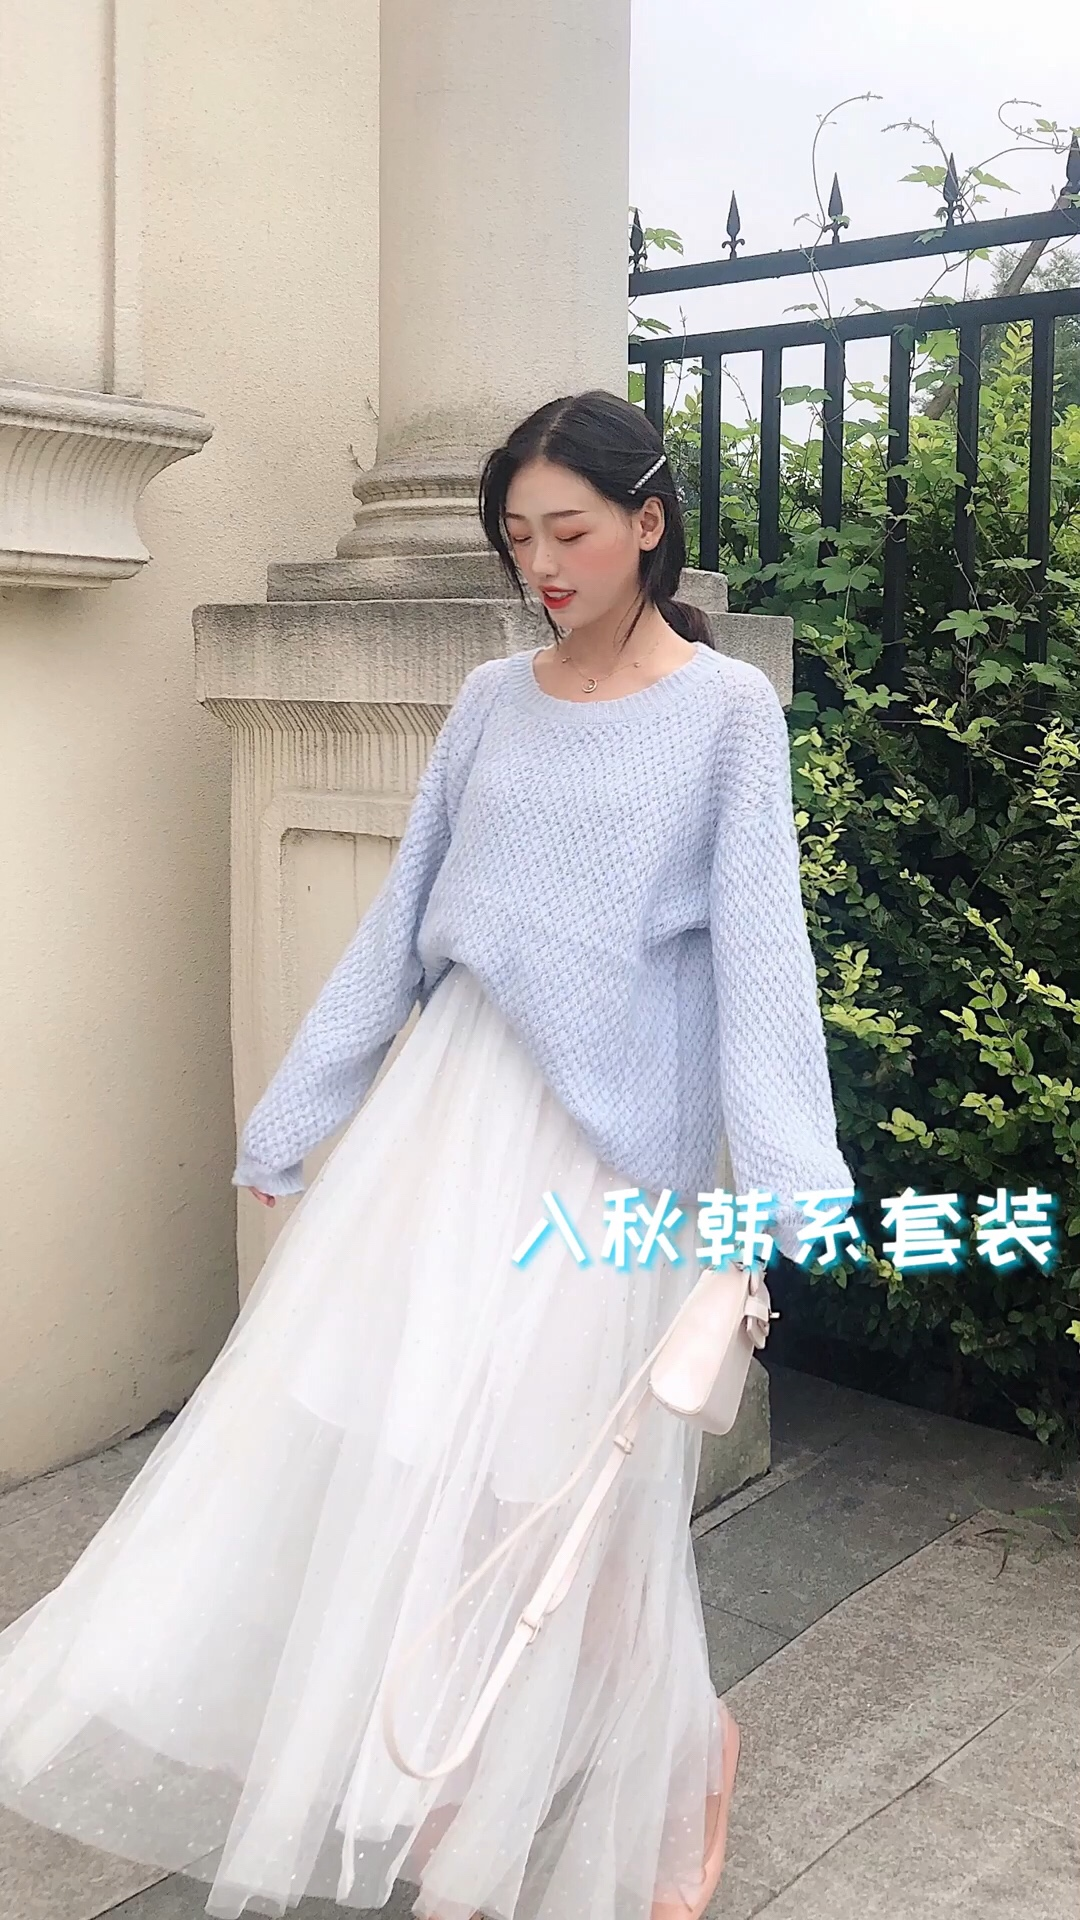 #秋装上新穿搭打卡#  秋季衣服囤起来了吗 超温柔的蓝色搭配白色纱裙 太仙女啦🧚🏻♀️